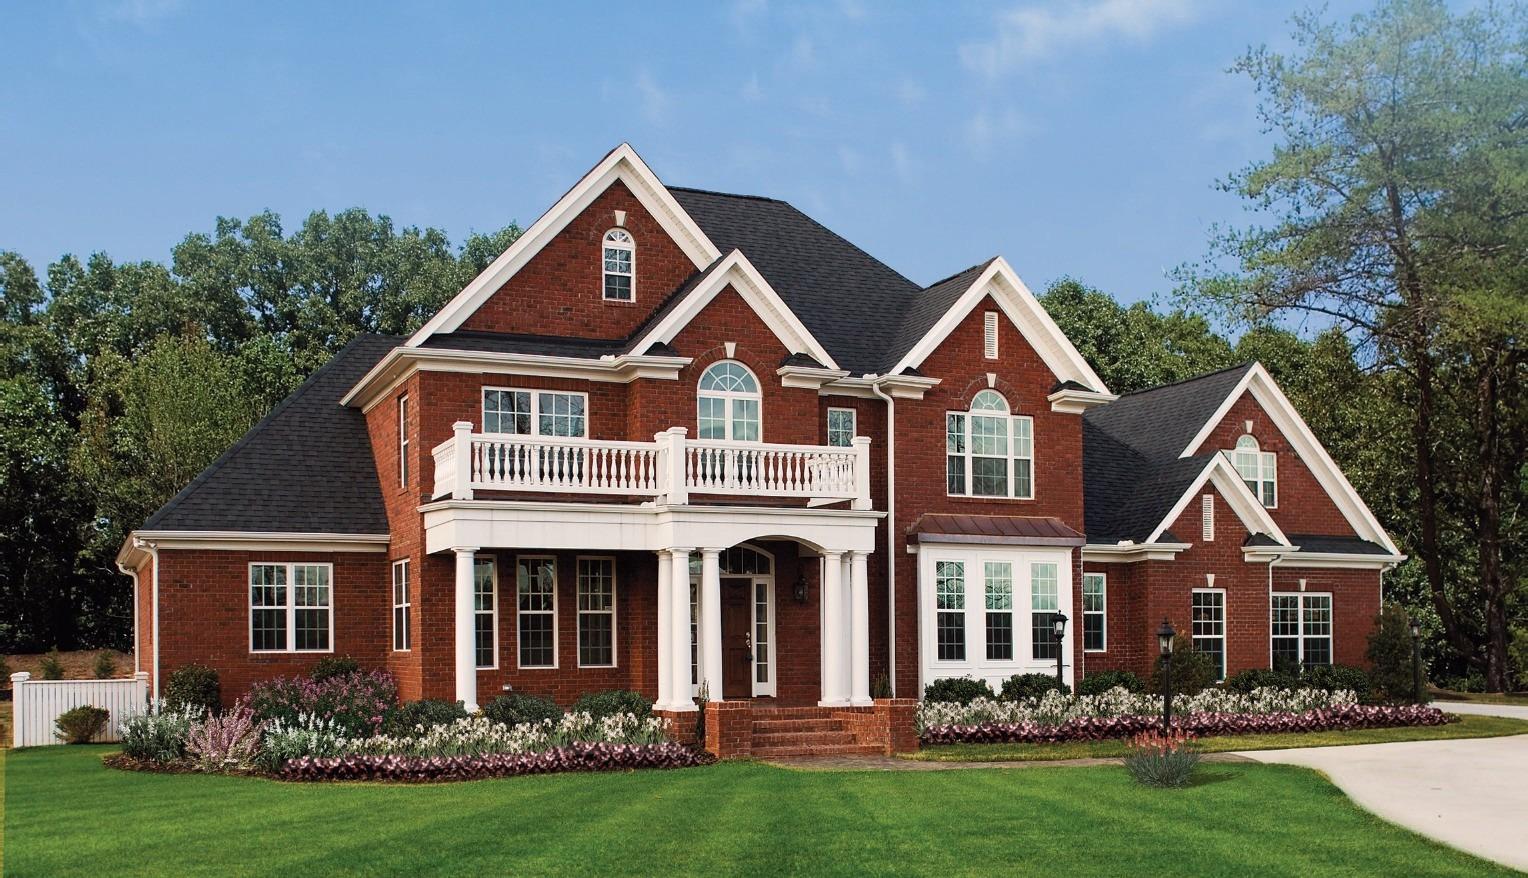 美式新农村自建房设计图纸小别墅乡村二三层半房屋施工图全套定制